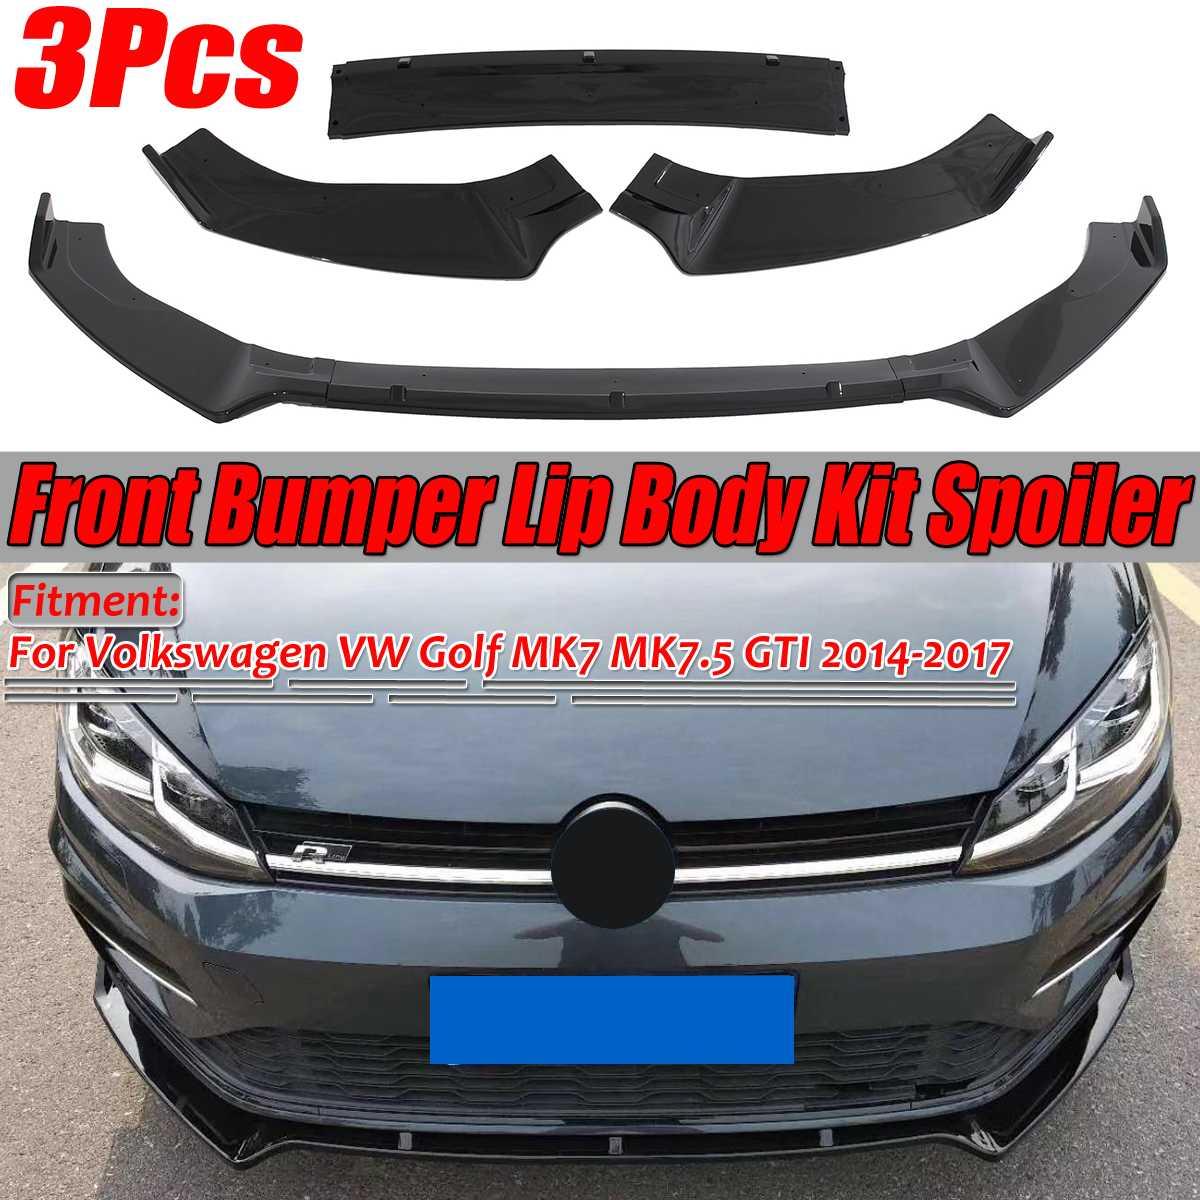 3 Pcs Glanzend Zwarte Auto Voorbumper Splitter Lip Spoiler Cover Trim Voor Volkswagen Vw Voor Golf MK7 MK7.5 gti R Gtd 2014-2017